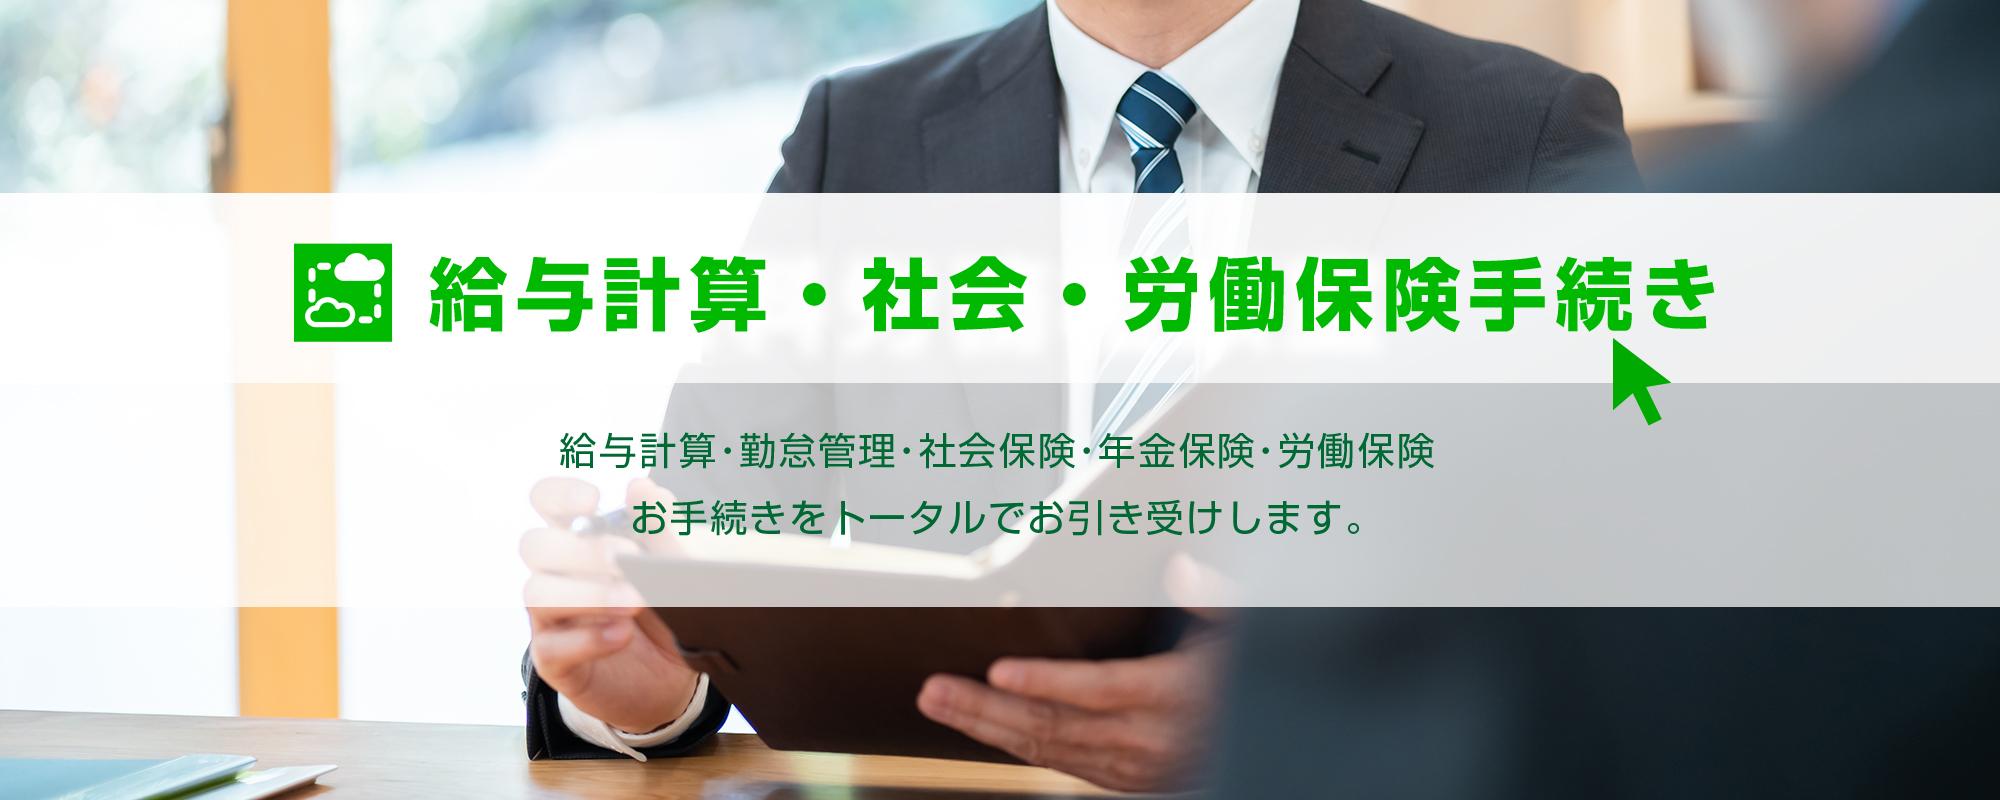 社労士法人岩城労務管理事務所では、無料労務相談室にて人事労務関するお悩み・お困りごとのご相談を受け付けています。